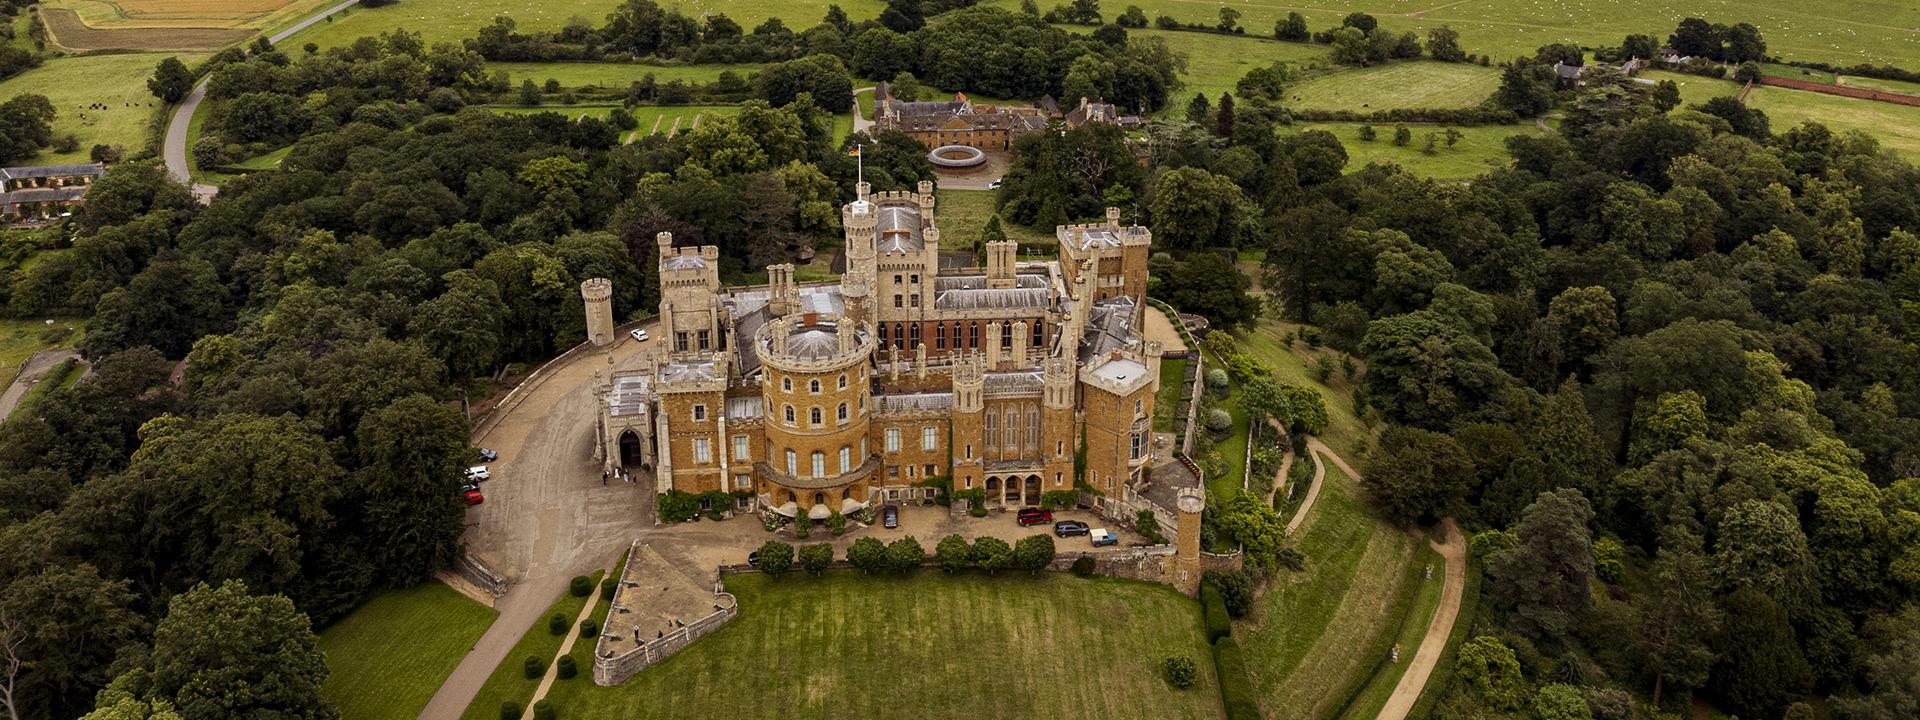 Belvoir Castle Wedding Photography drone image